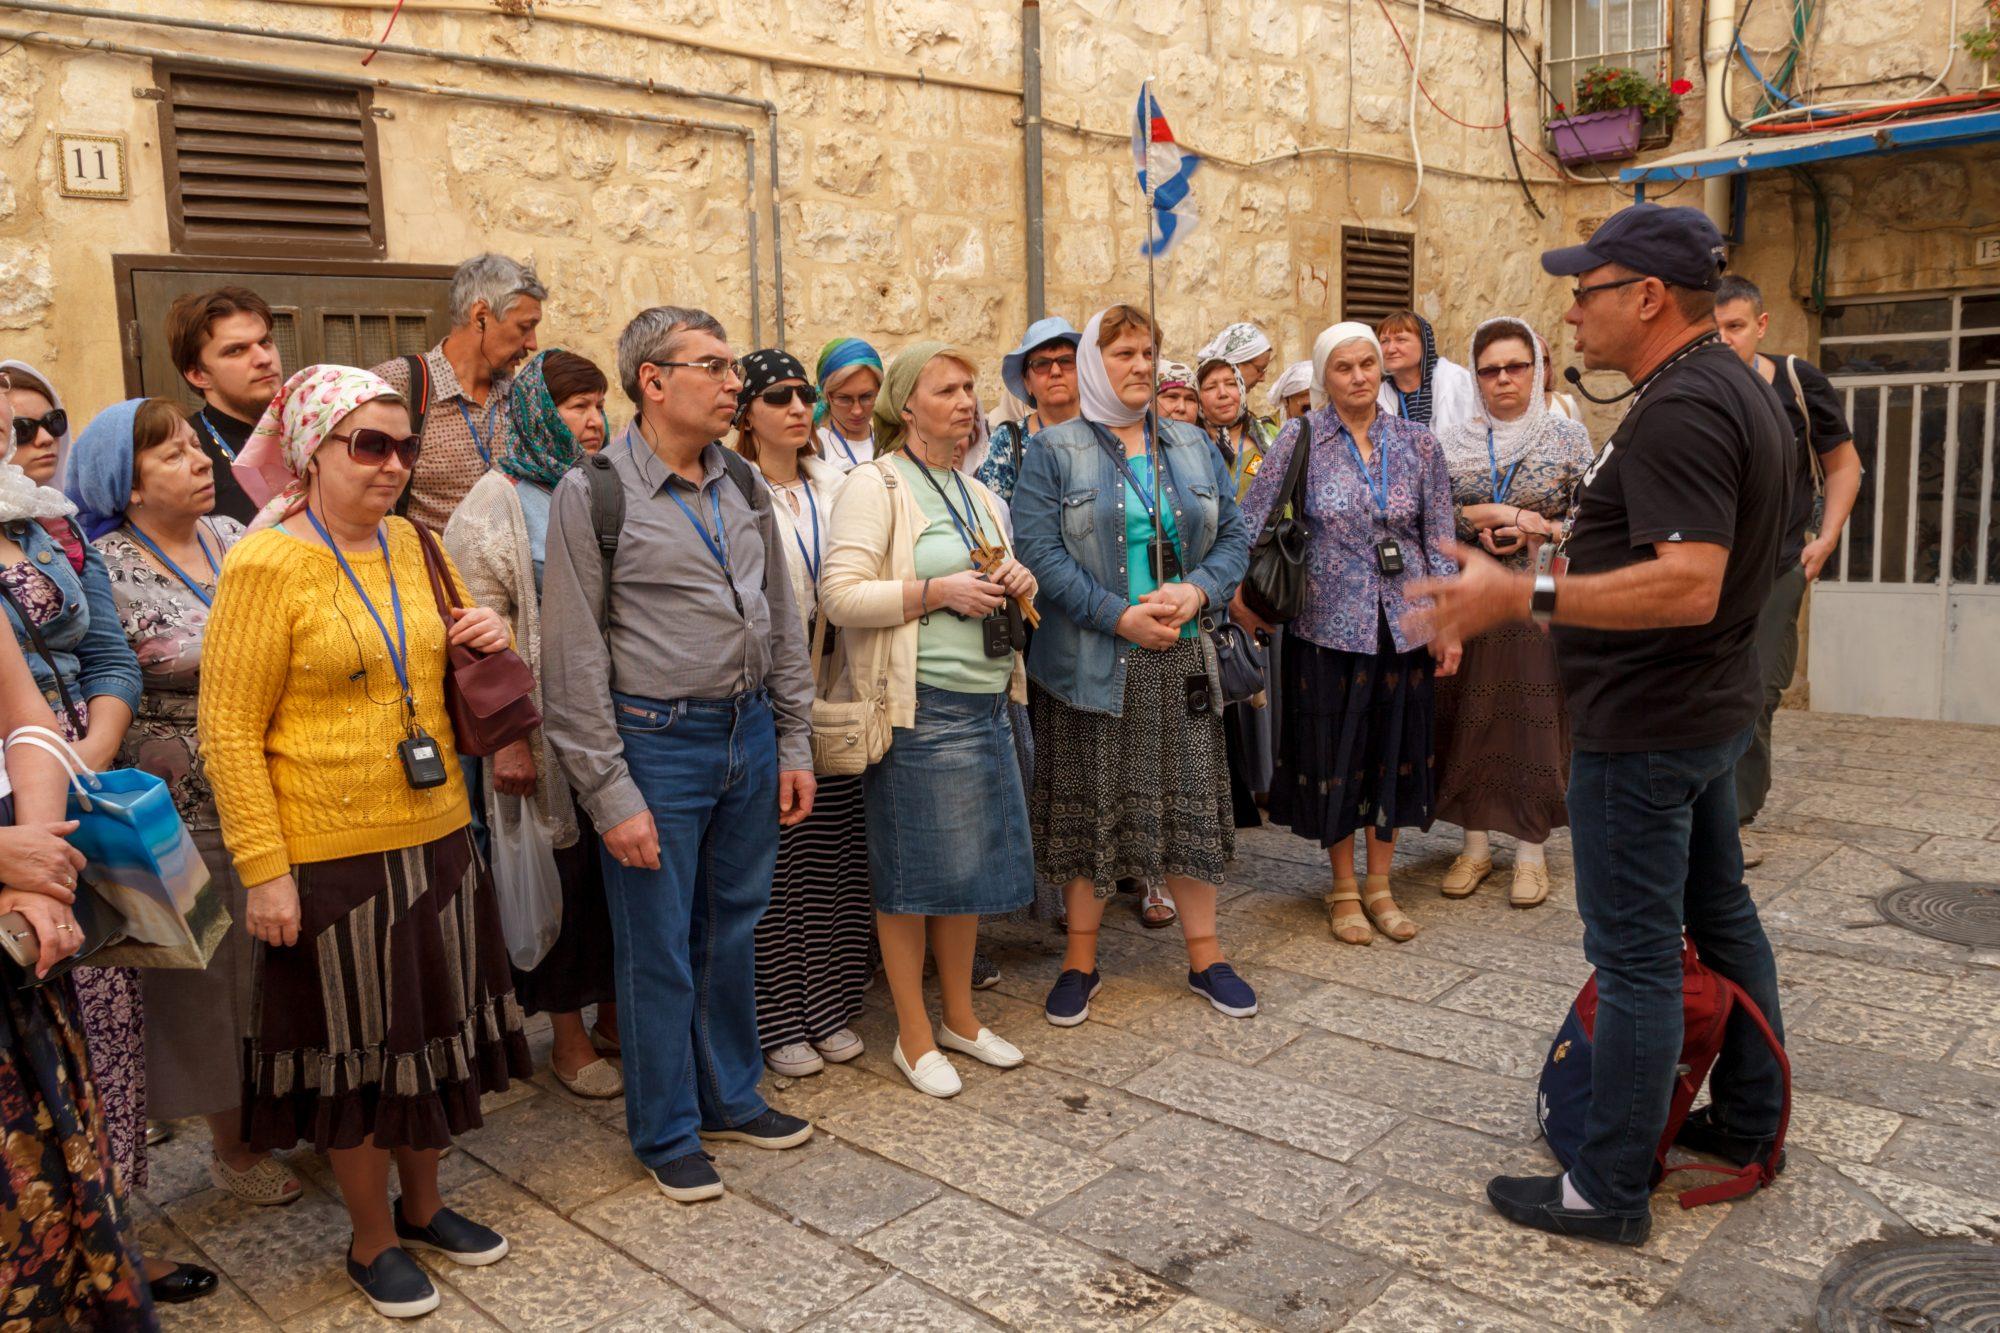 Наш гид Андрей Никсон проводит экскурсию по Старому Городу